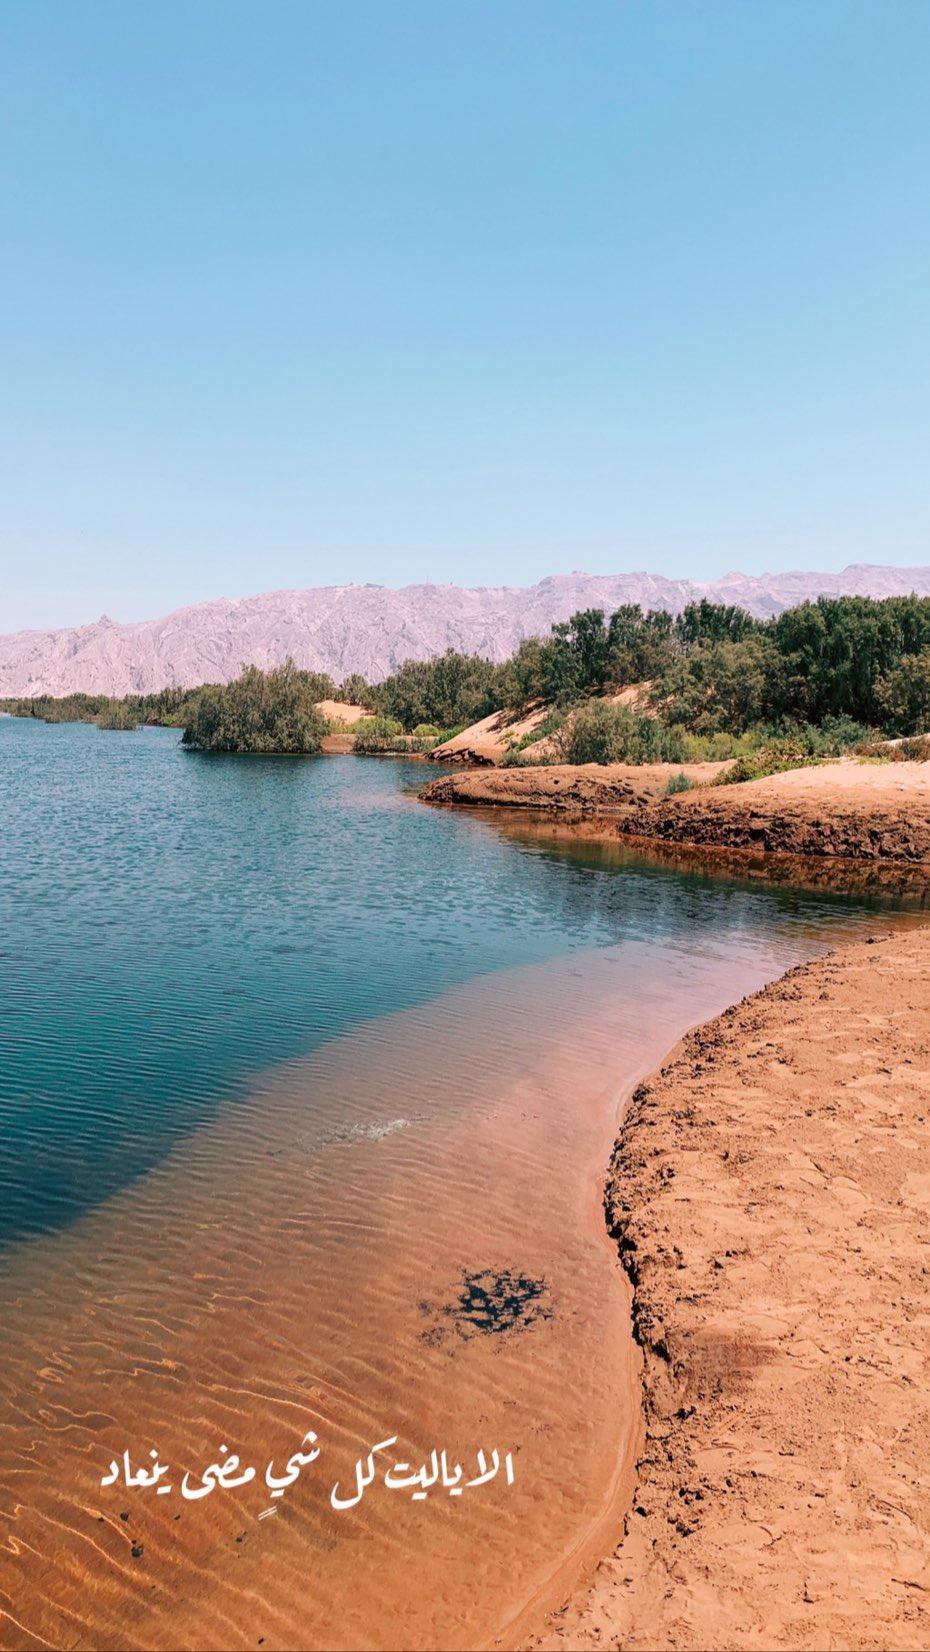 مبزرة و البحيرة في العين